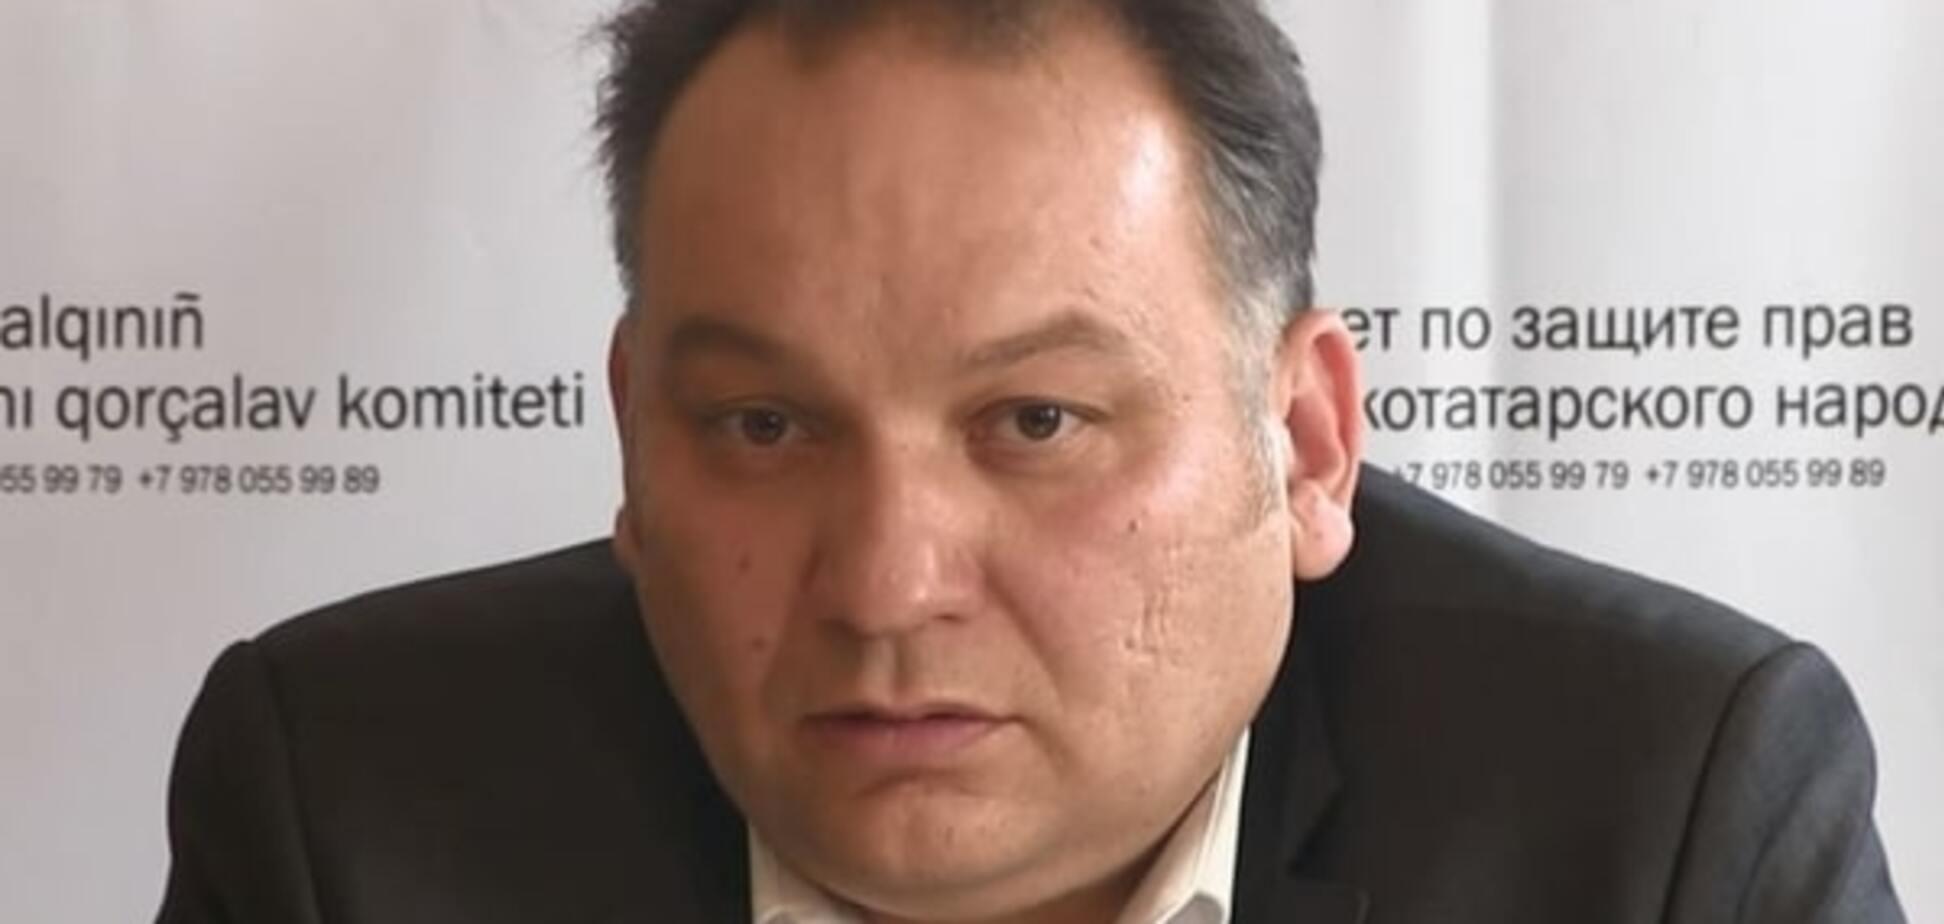 Окупанти активно збирають дані про кримських татар - правозахисник